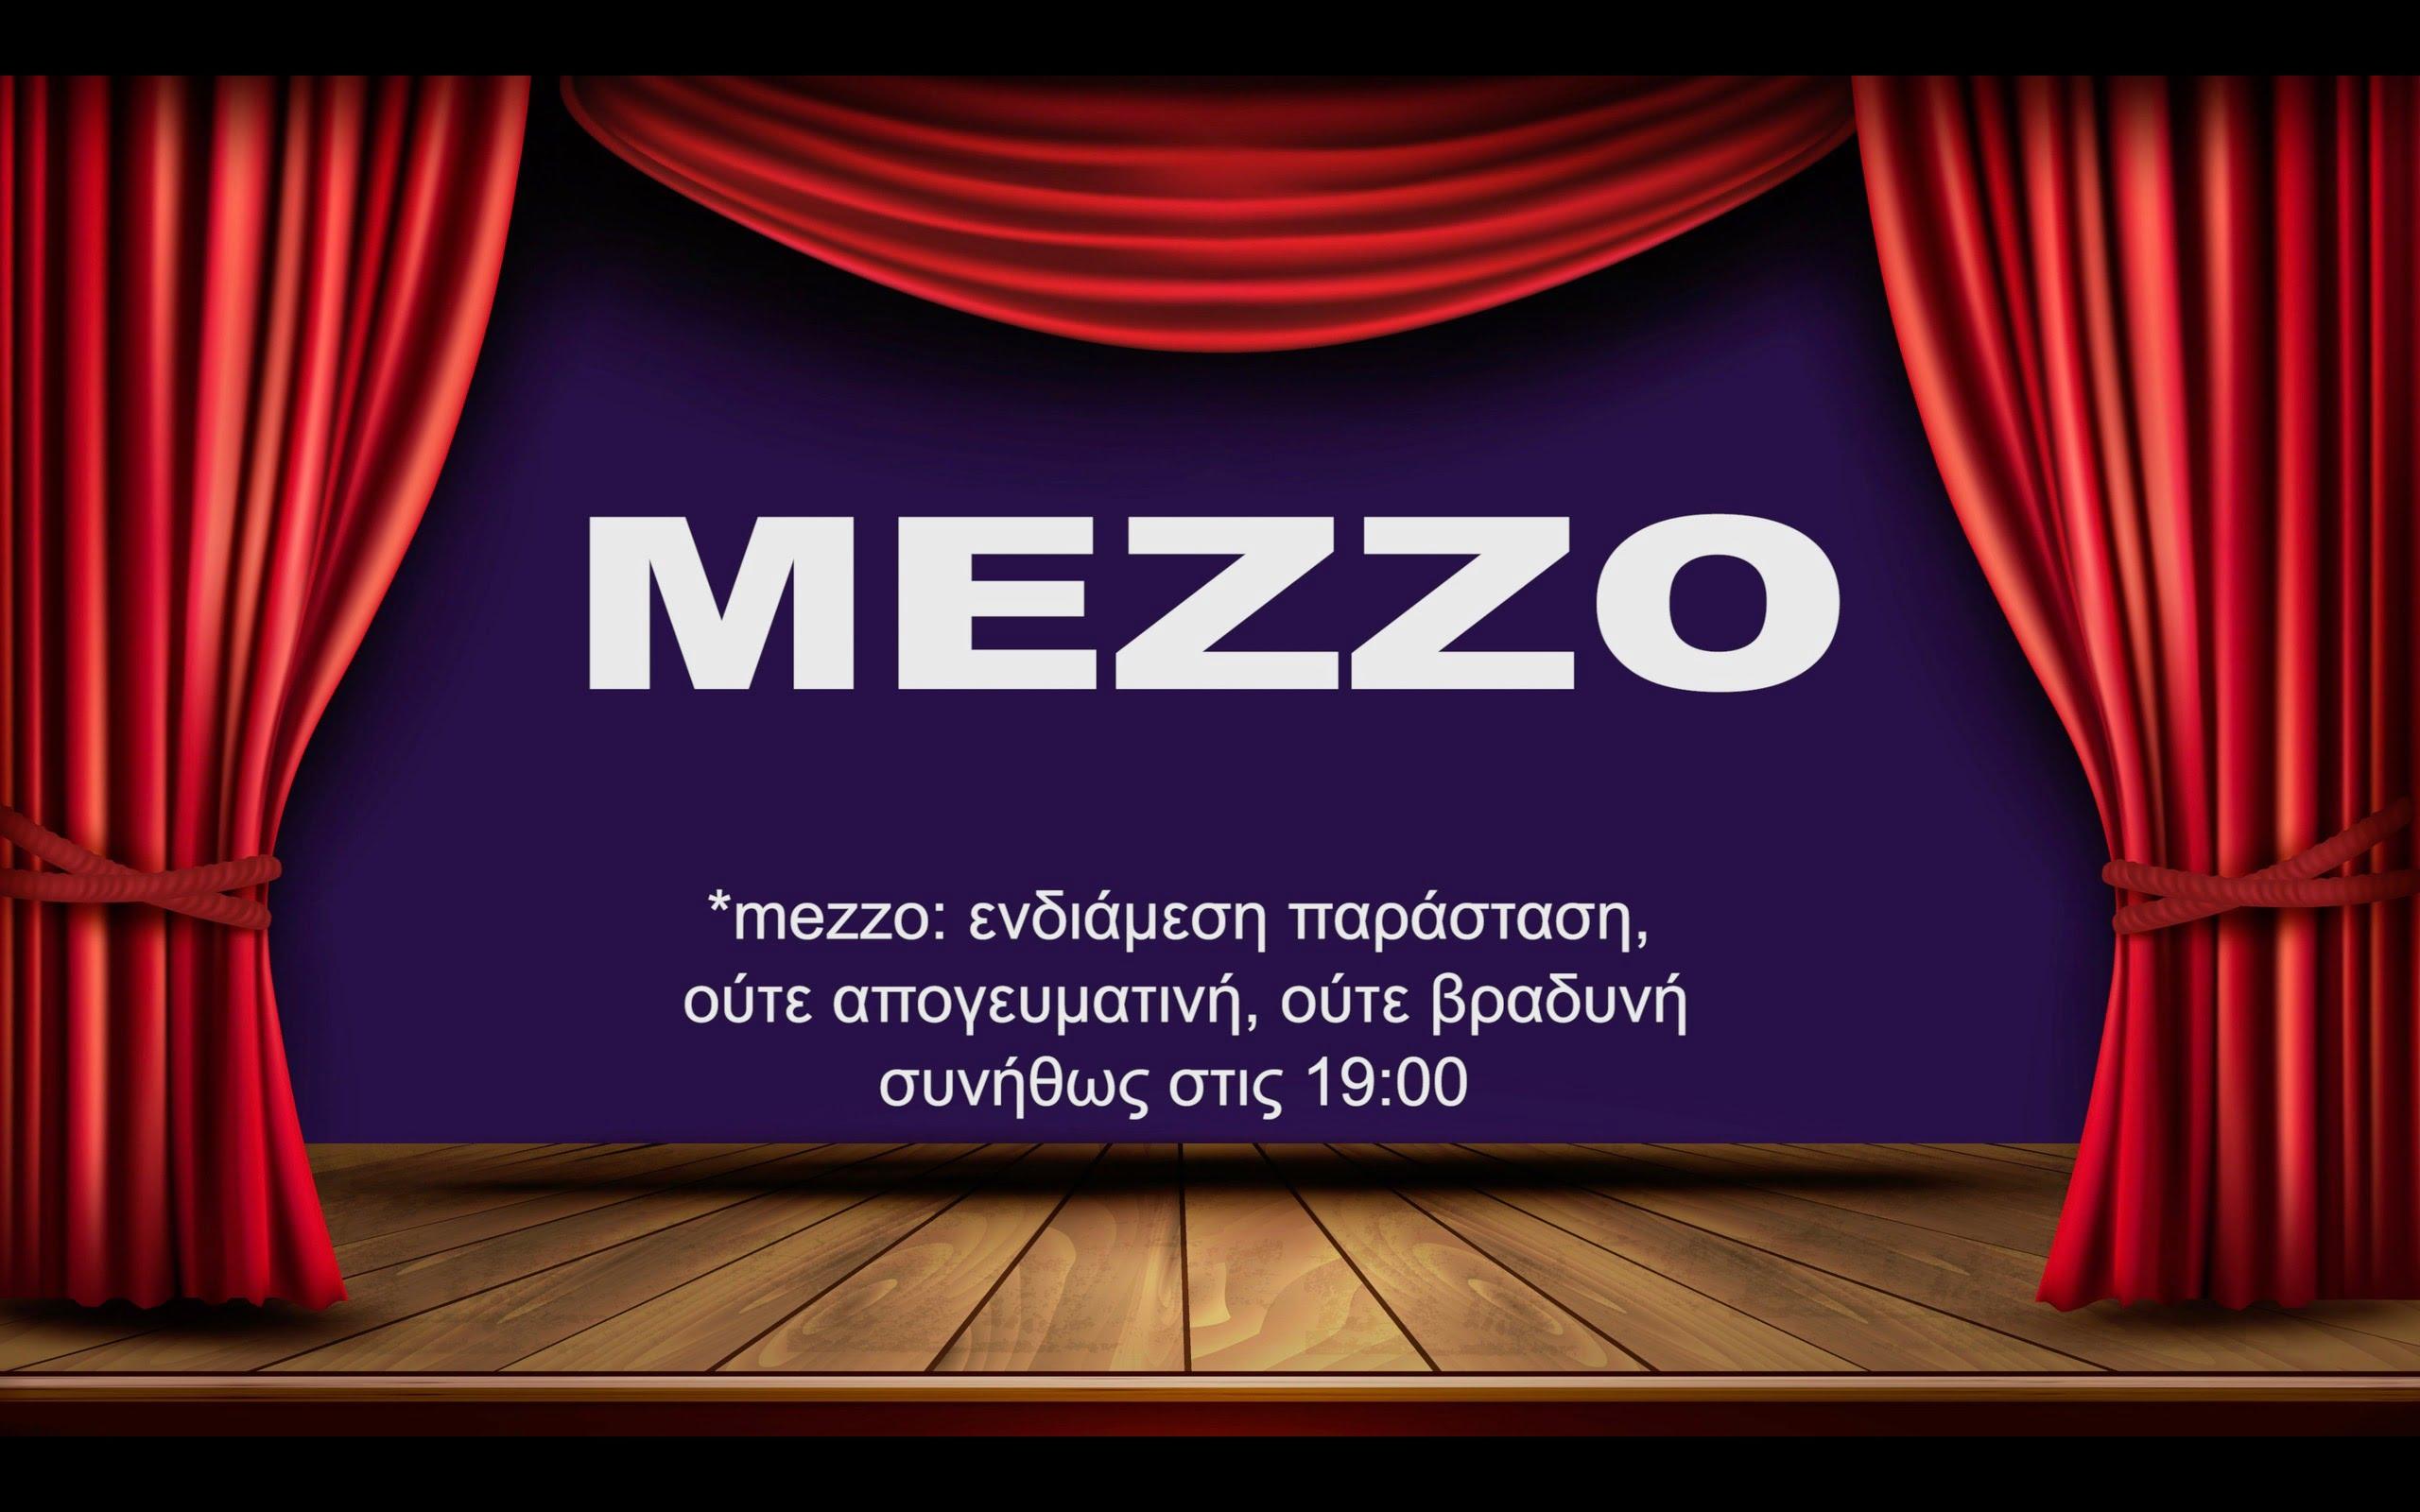 «MEZZO» Κάθε φορά, Τετάρτη στις 19:00 και για 24 ώρες. Επειδή το θέατρο, είναι στη ζωή μας